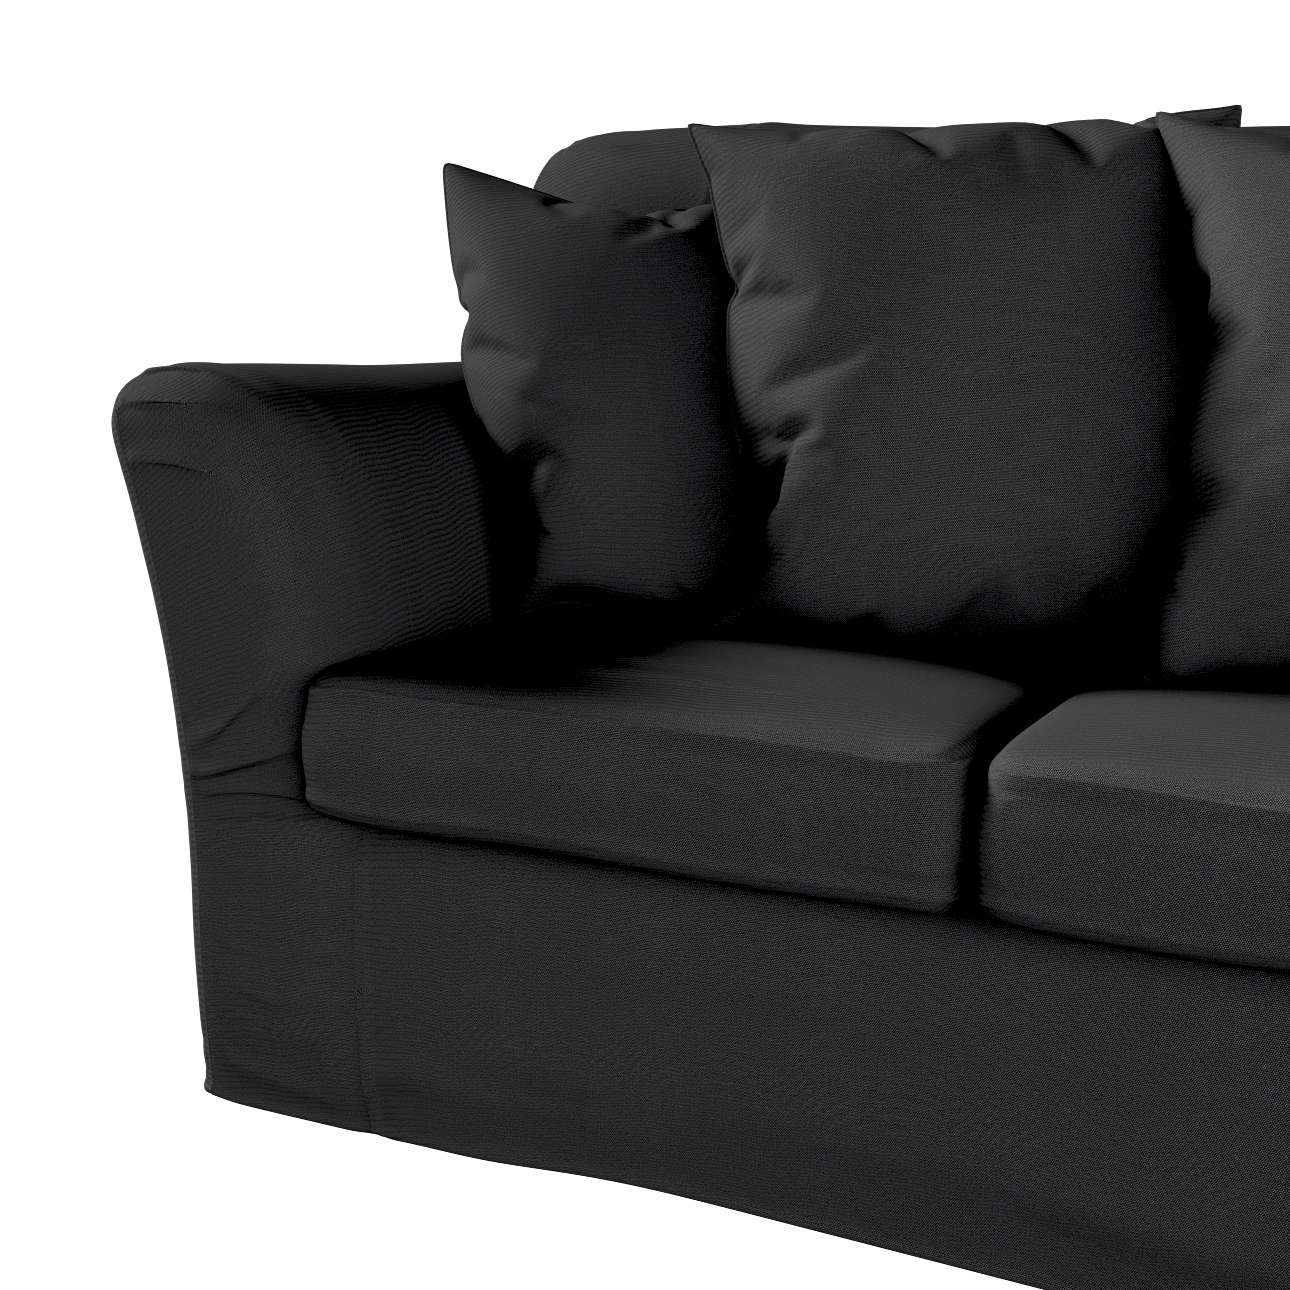 Pokrowiec na sofę Tomelilla 3-osobową nierozkładaną w kolekcji Etna, tkanina: 705-00